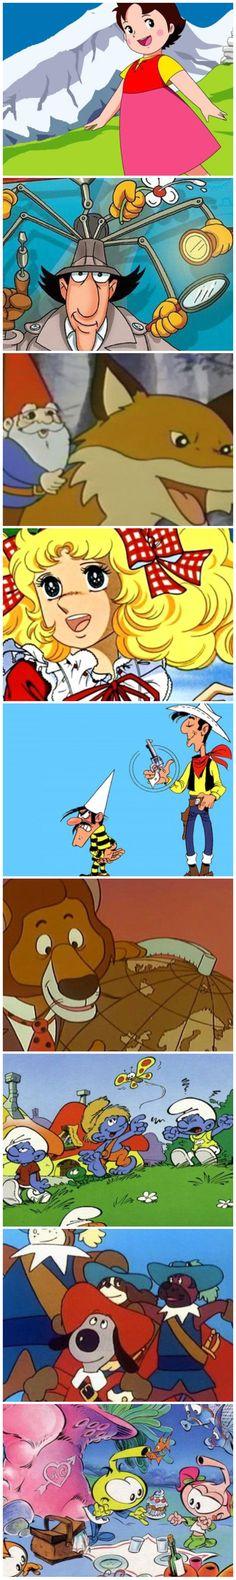 Dibujos animados de los años 80. Qué.es